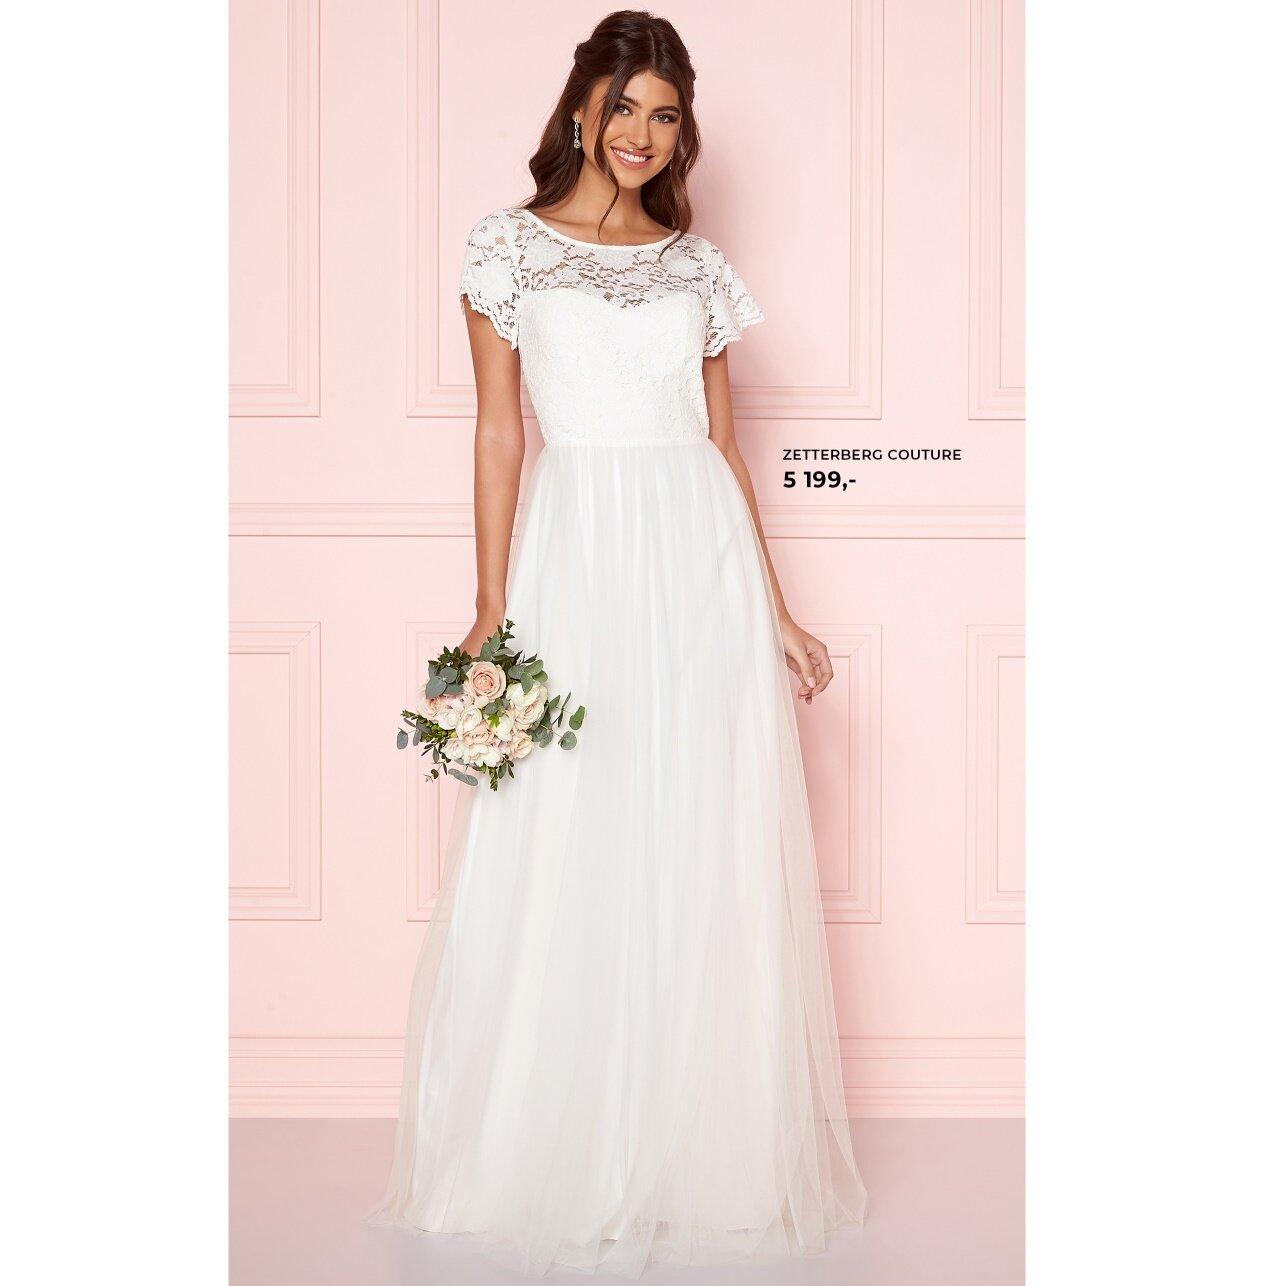 Zetterberg Couture bröllopsklänning